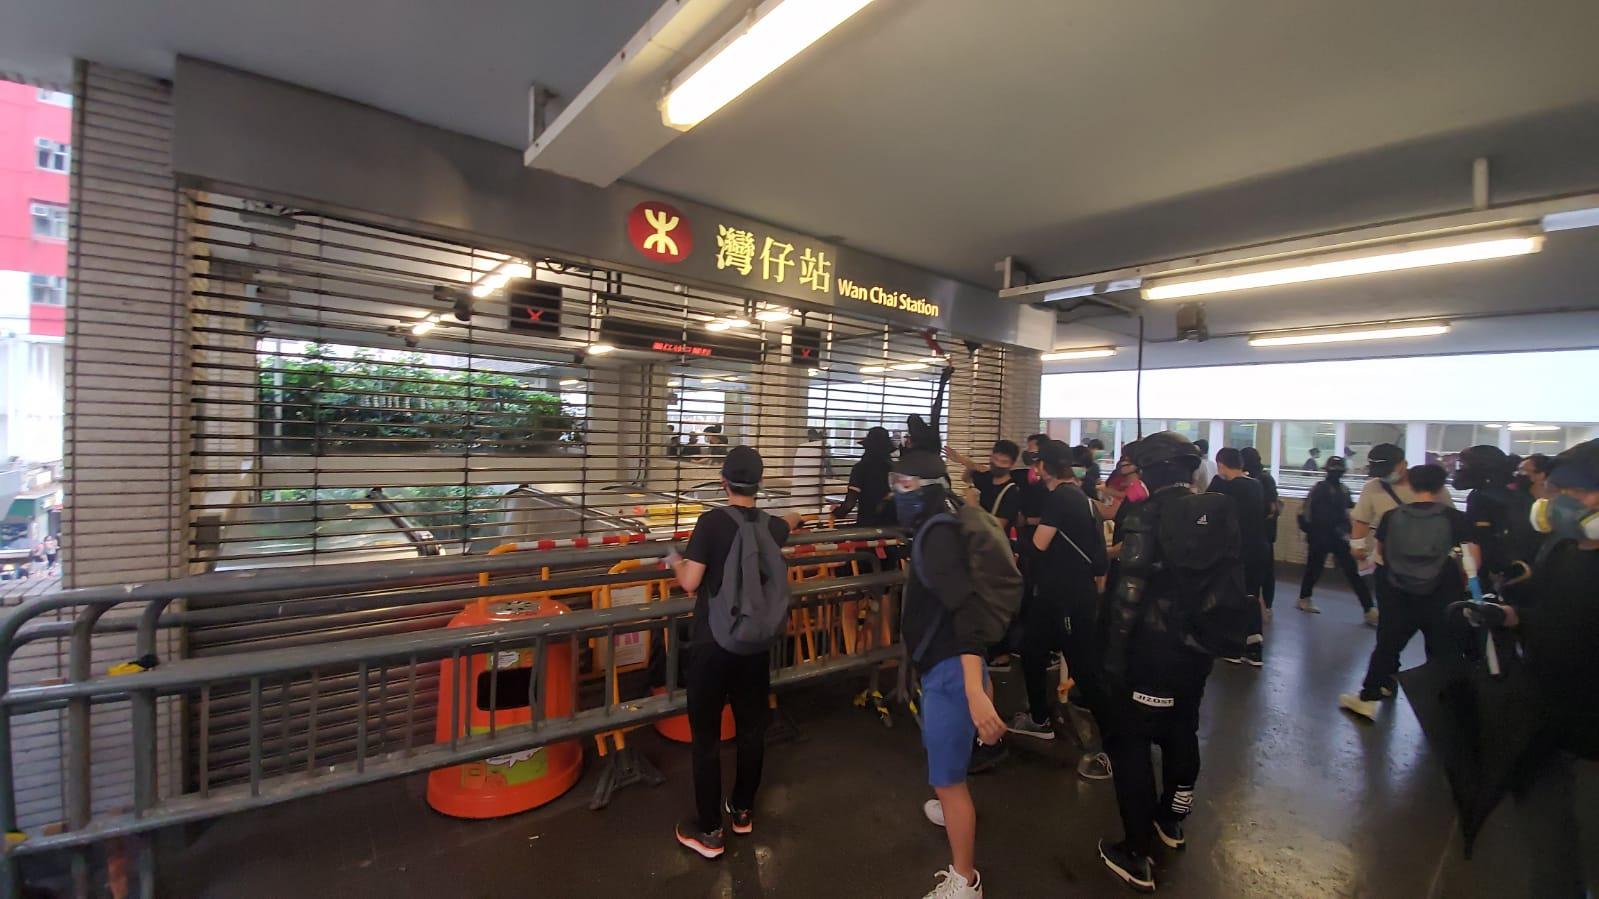 【修例风波】港铁指部分车站或设施或未能明天恢復提供服务